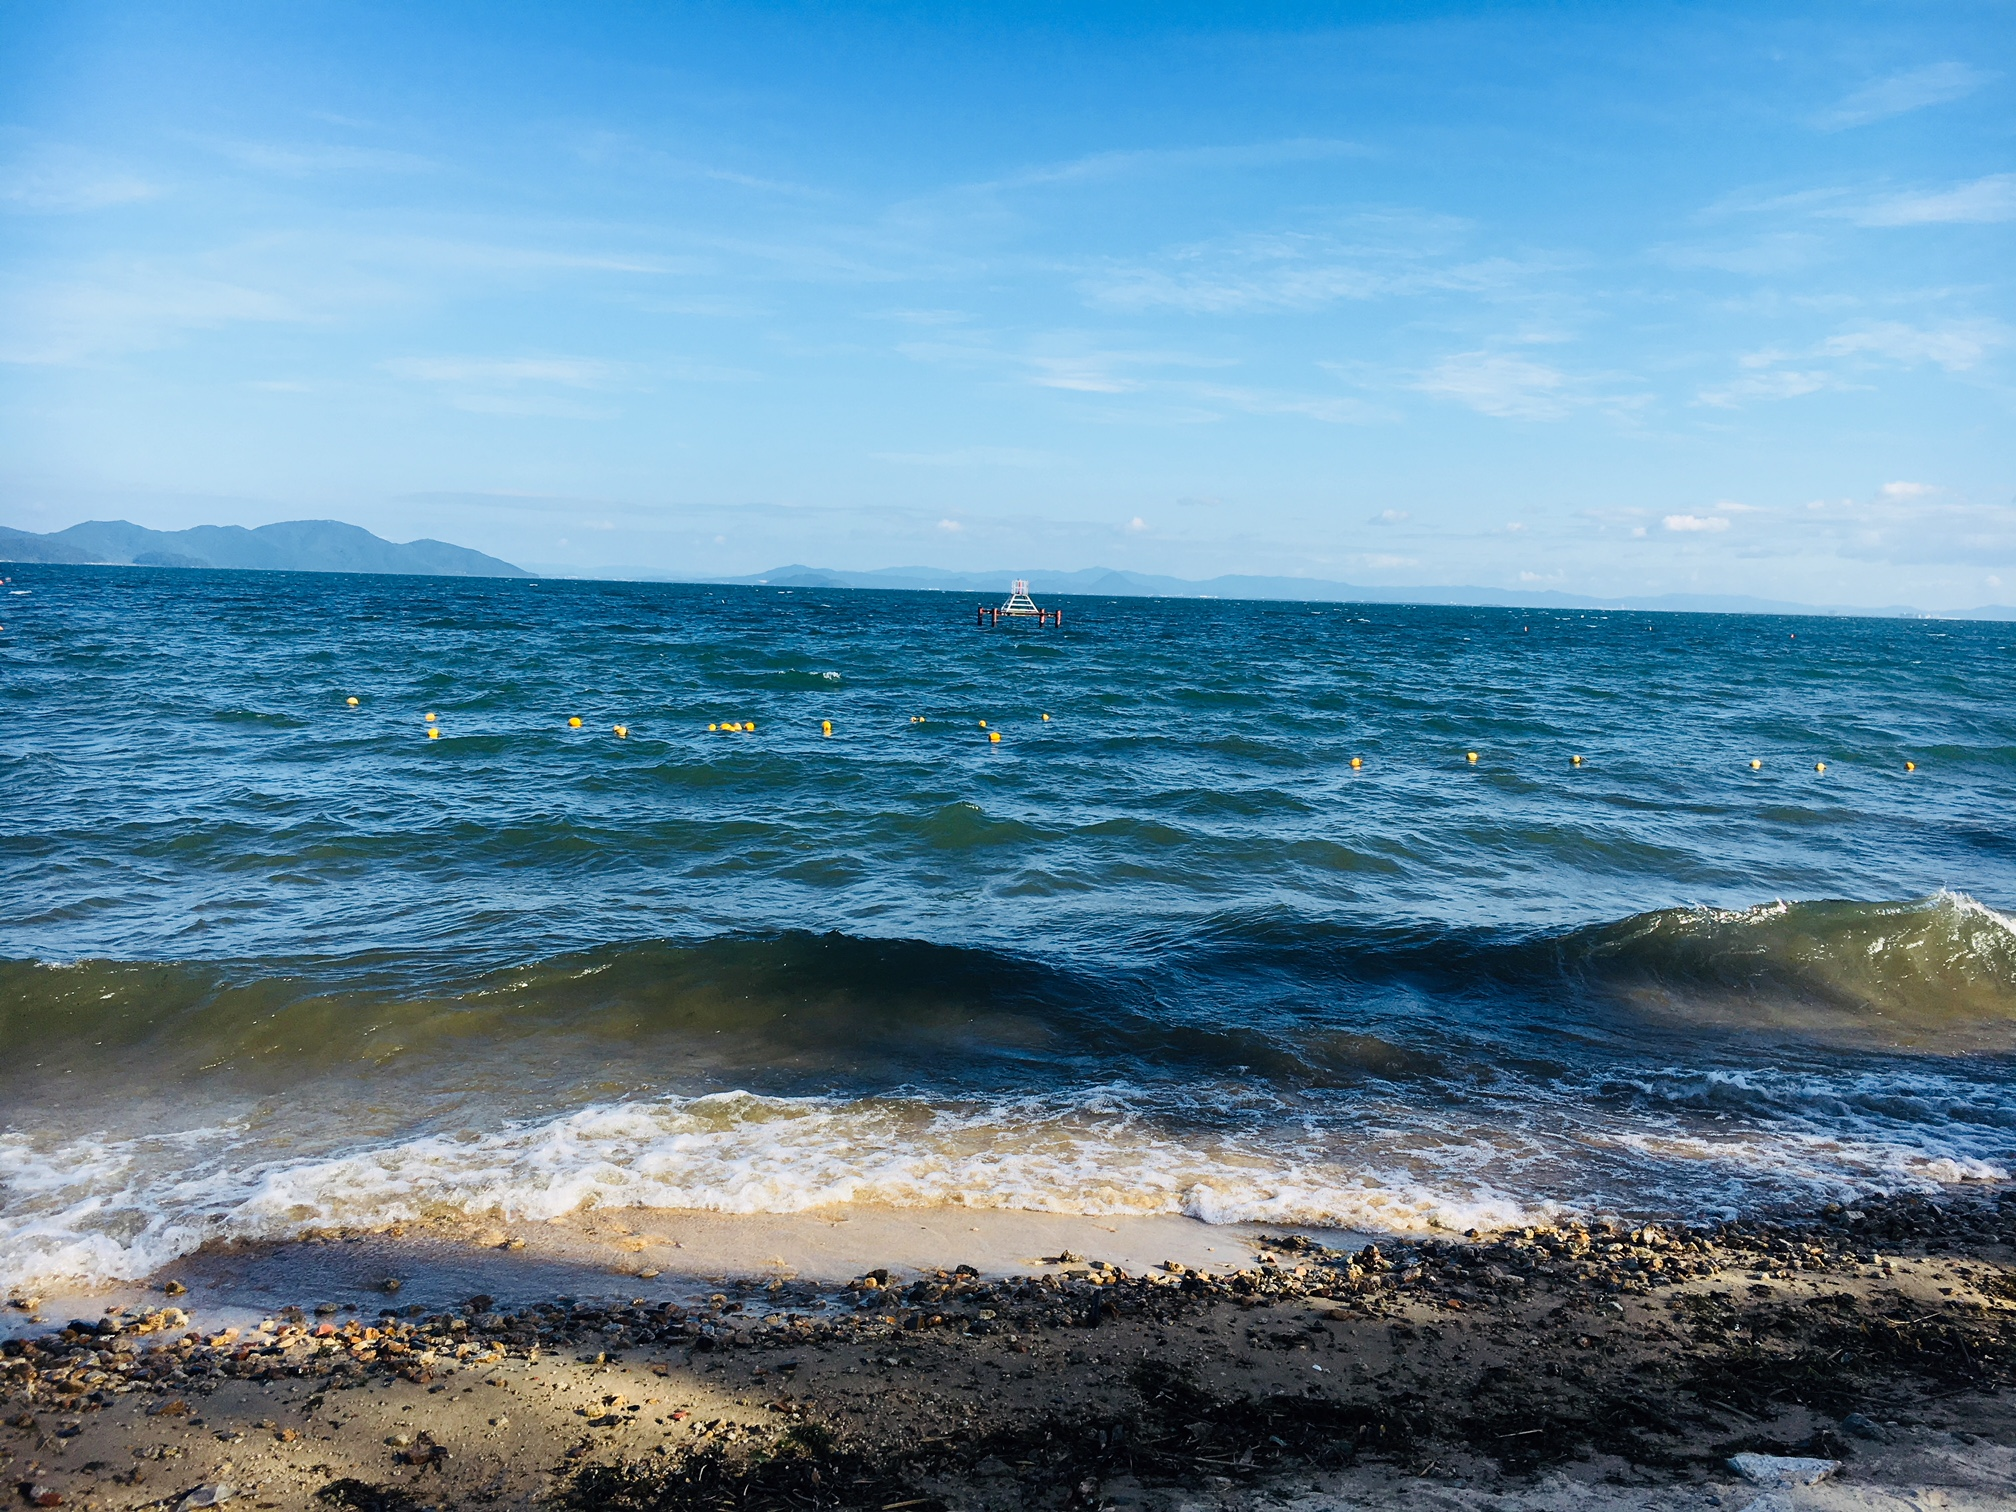 大人孩子都可以玩耍的地方-琵琶湖